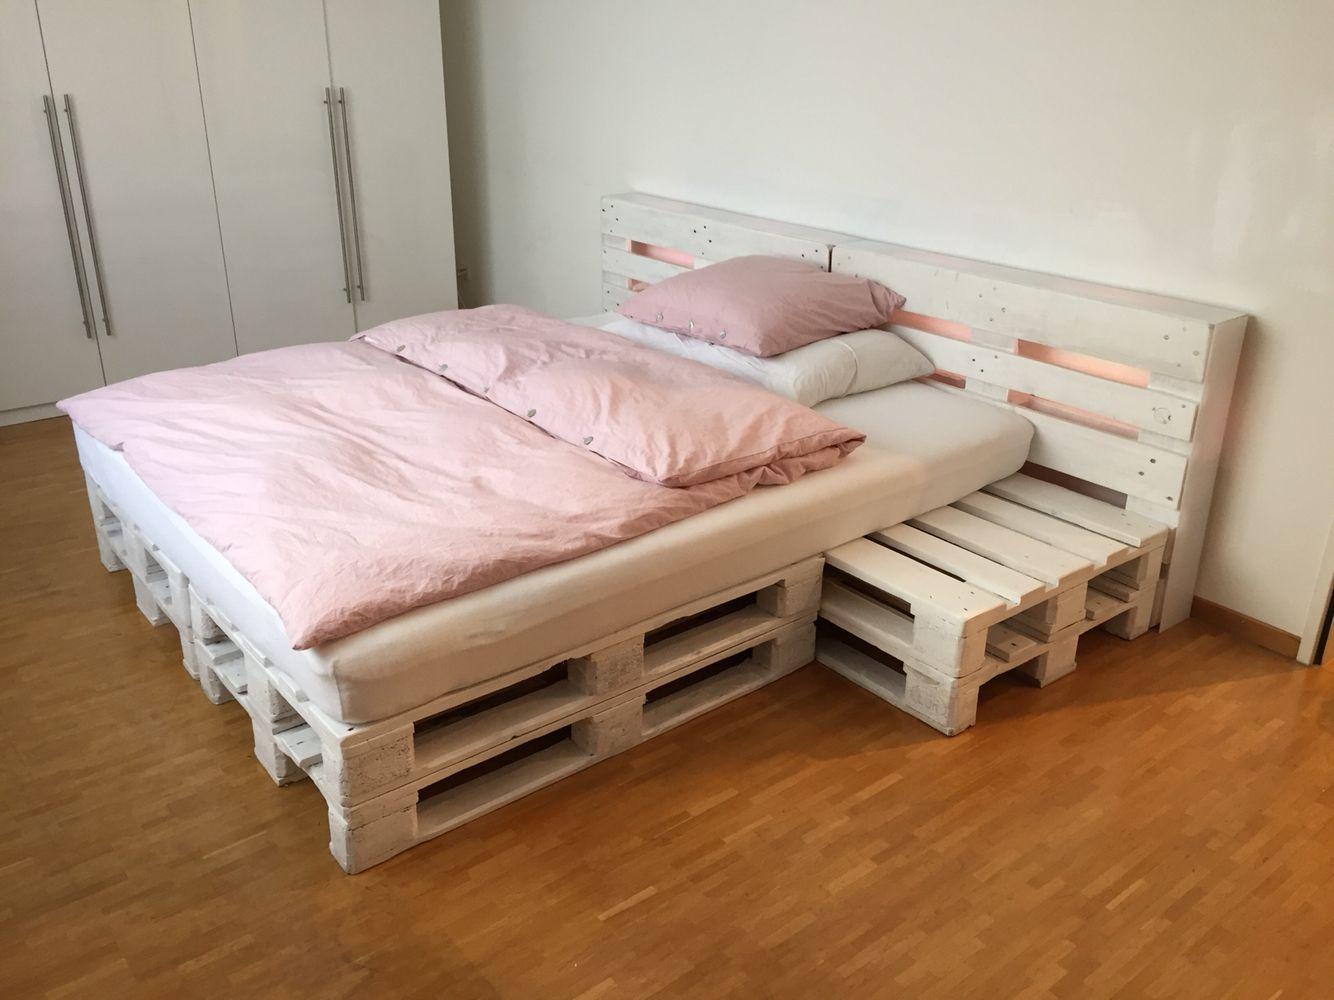 140x200 cm ähnliche projekte und ideen wie im bild vorgestellt, Schlafzimmer entwurf